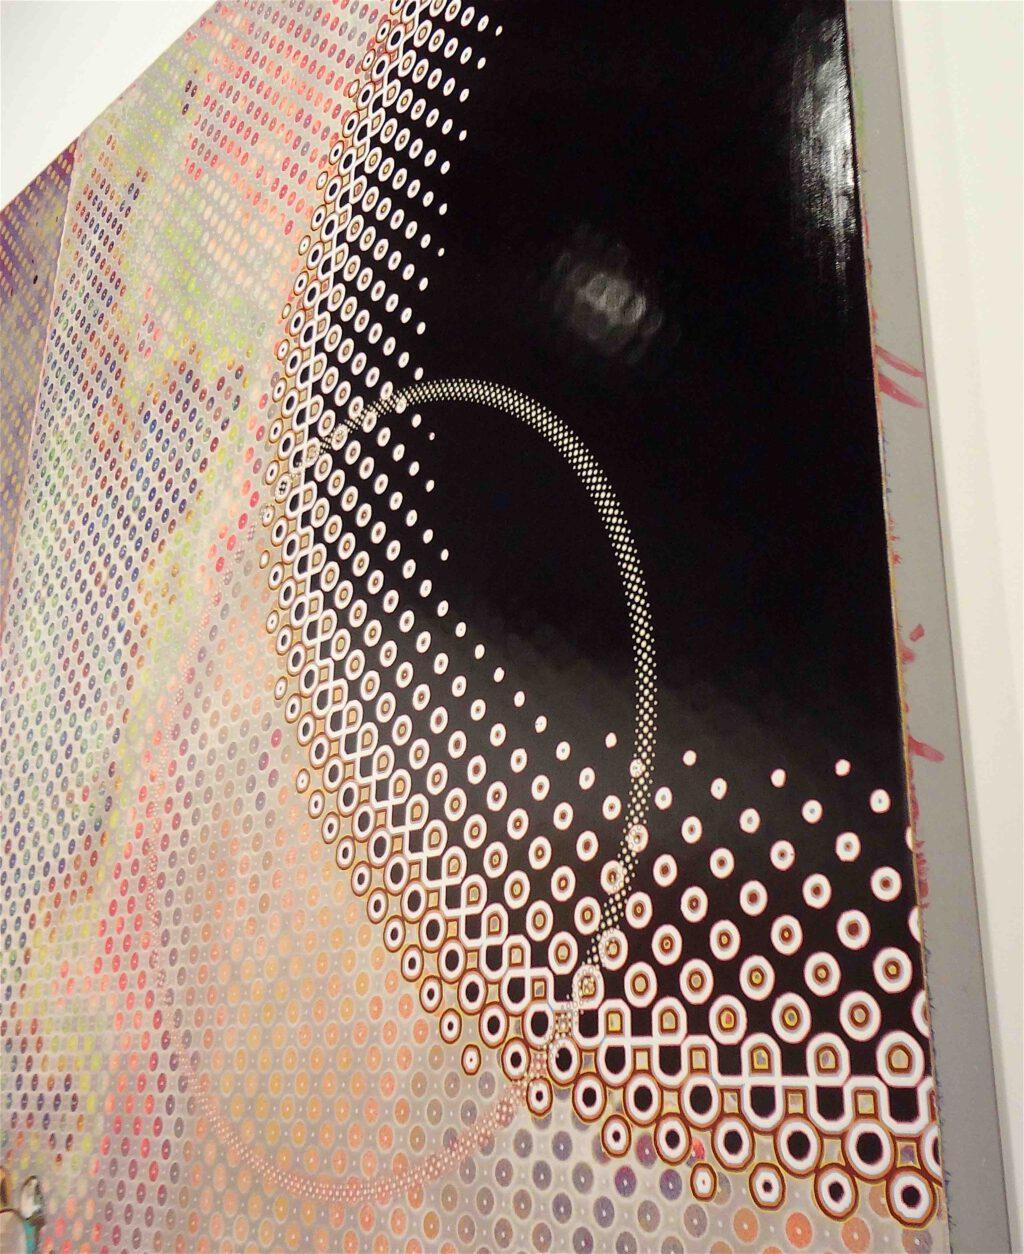 """村上隆 Takashi Murakami """"727-272 The Emergence of God At The Reversal of Fate"""" 2006-2009, detail16"""